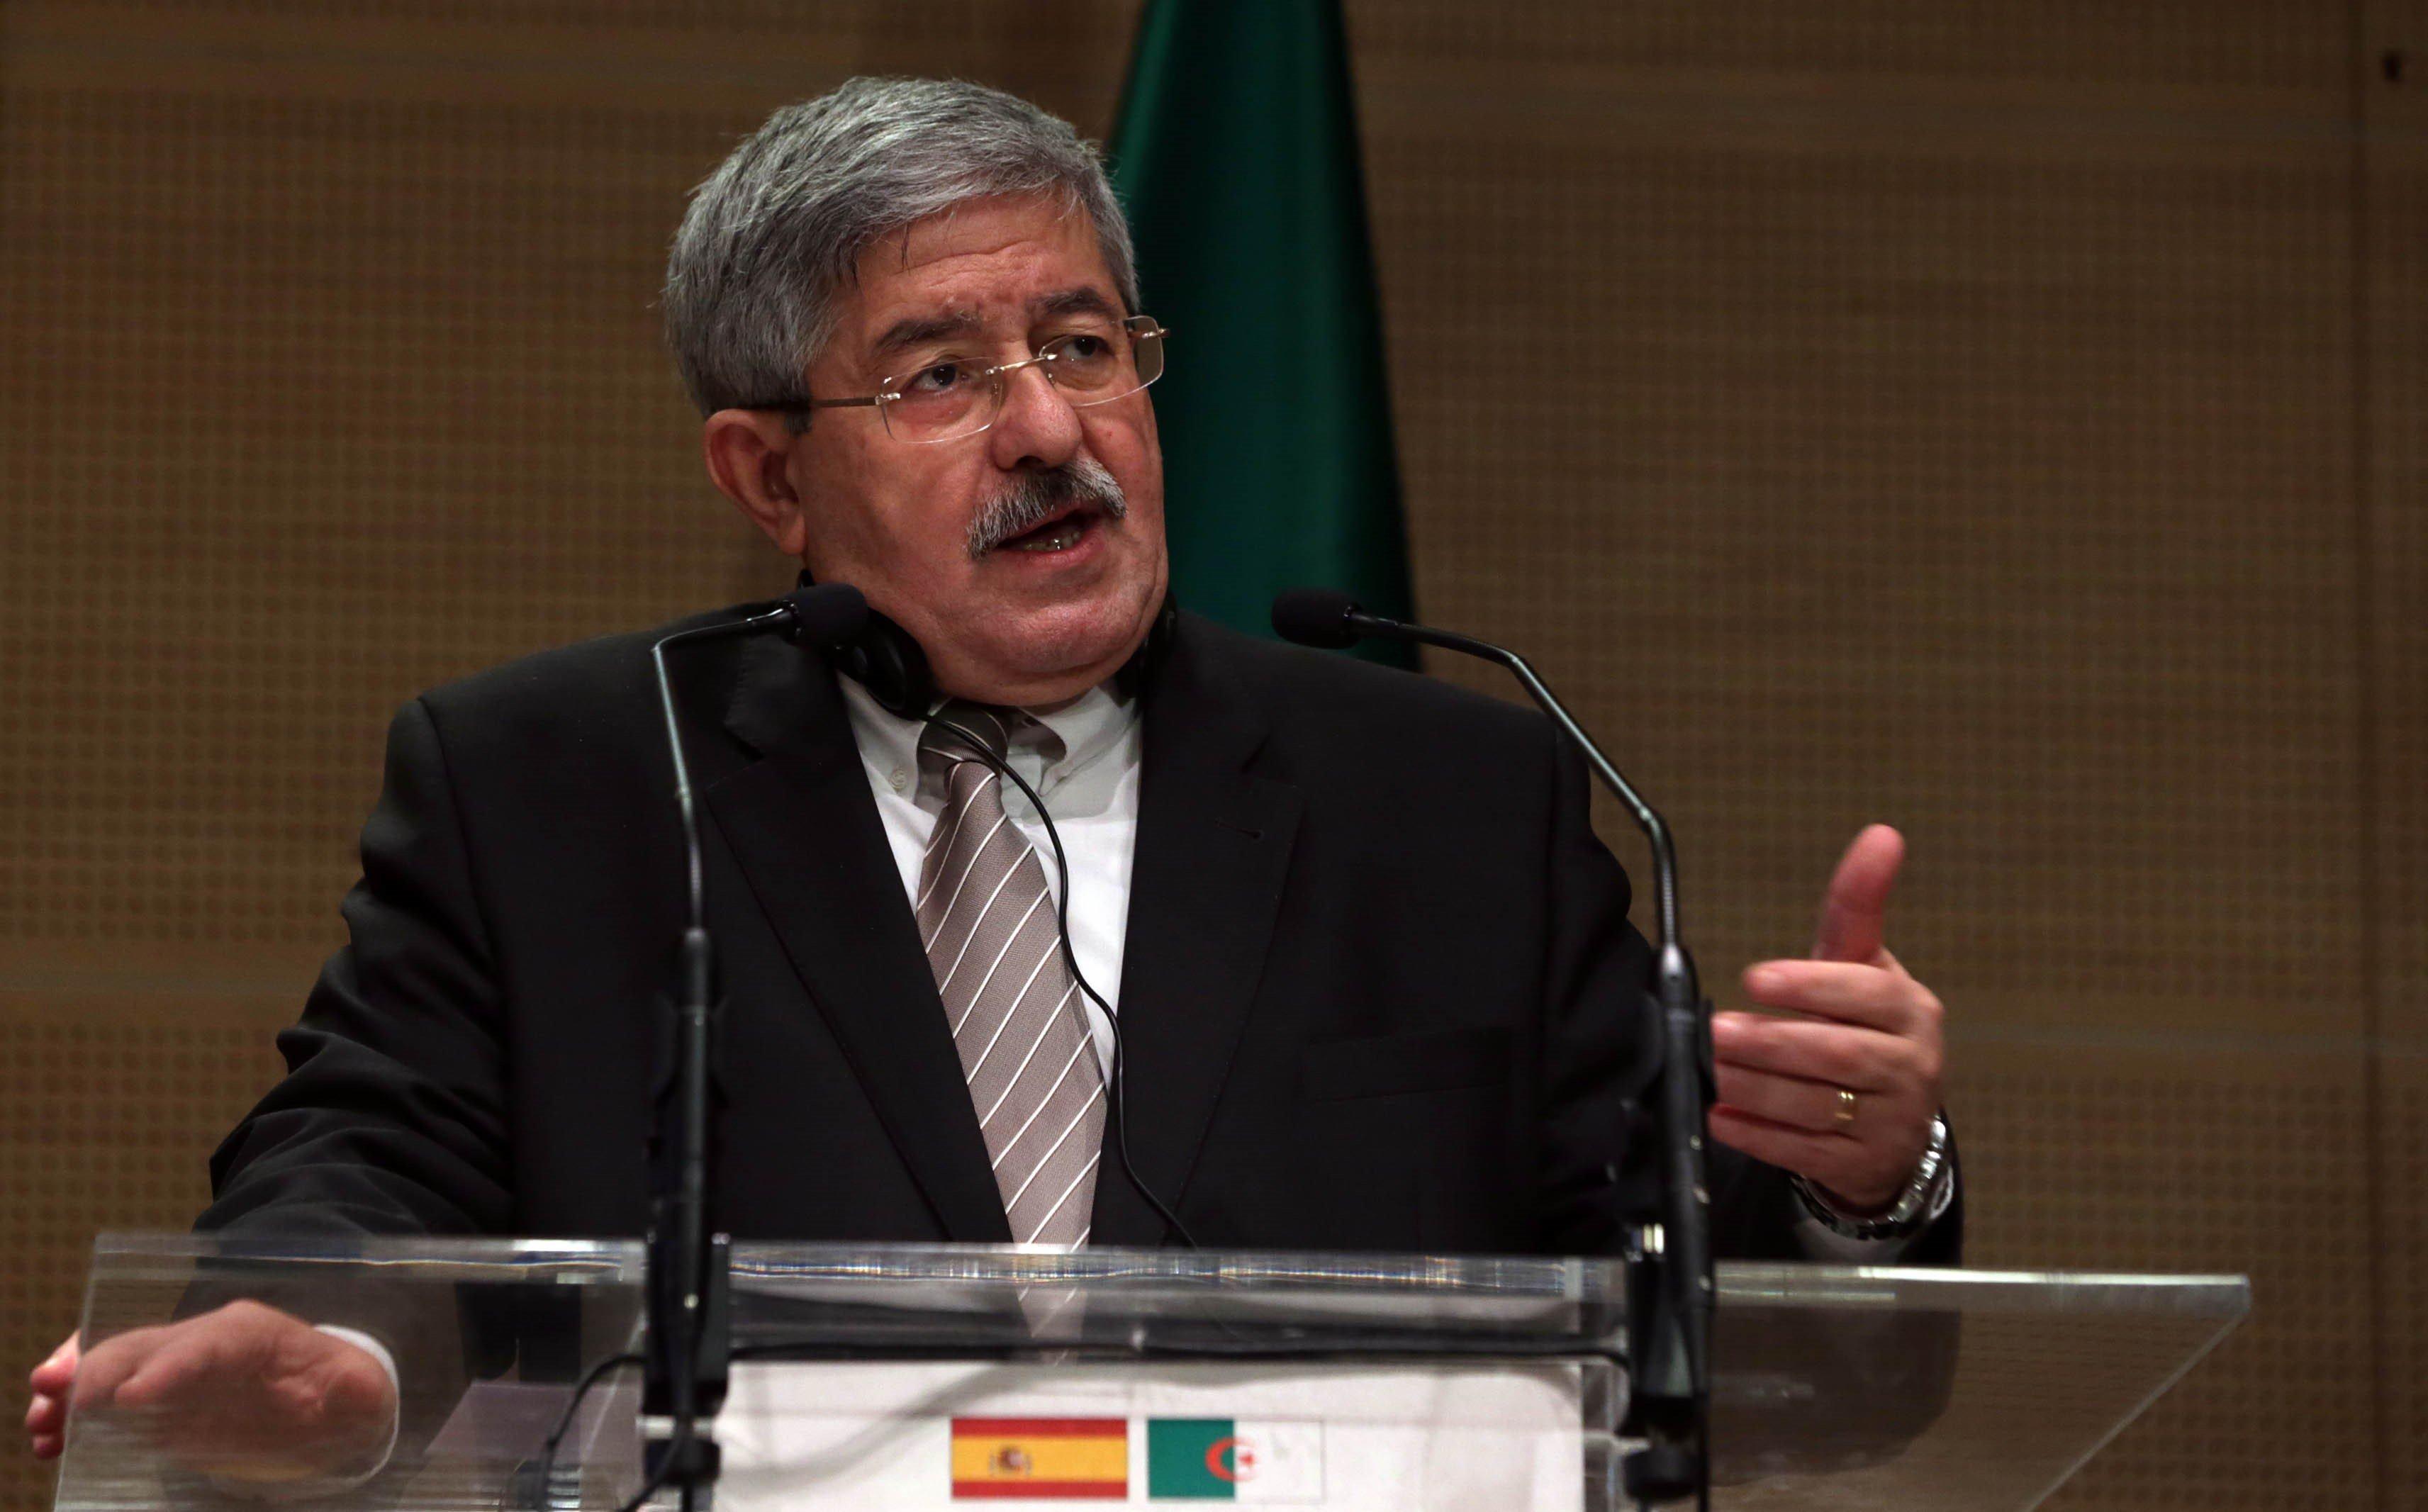 Pas de tensions entre le Premier ministre et la Présidence, affirme Ouyahia